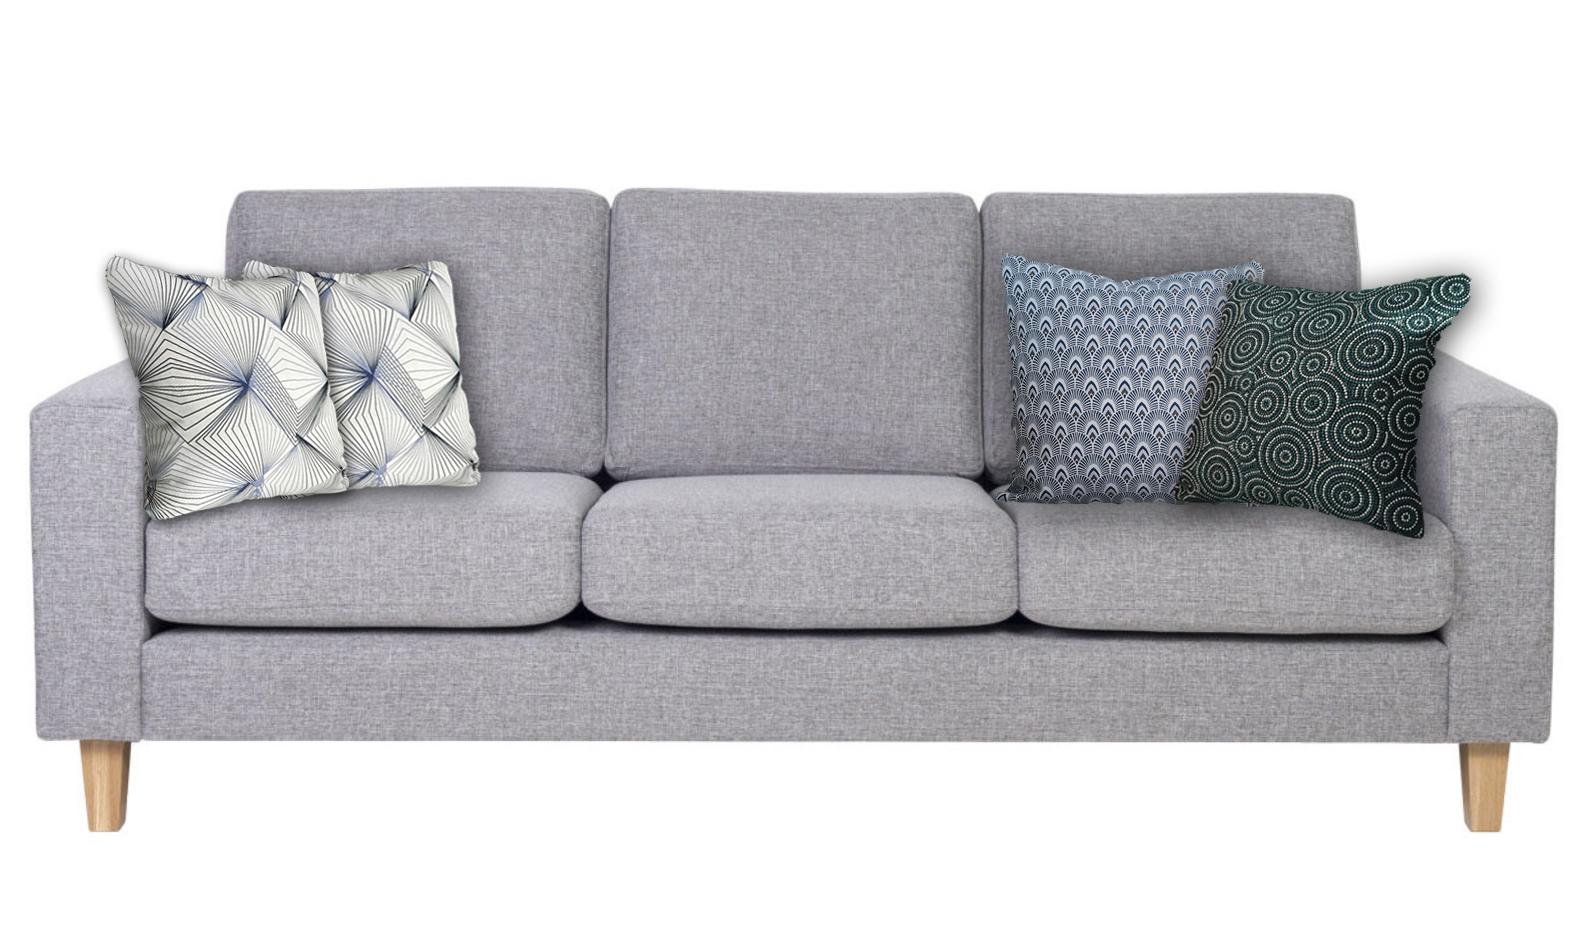 Personnaliser un canap gris fonc avec des coussins - Coussins pour canapes ...